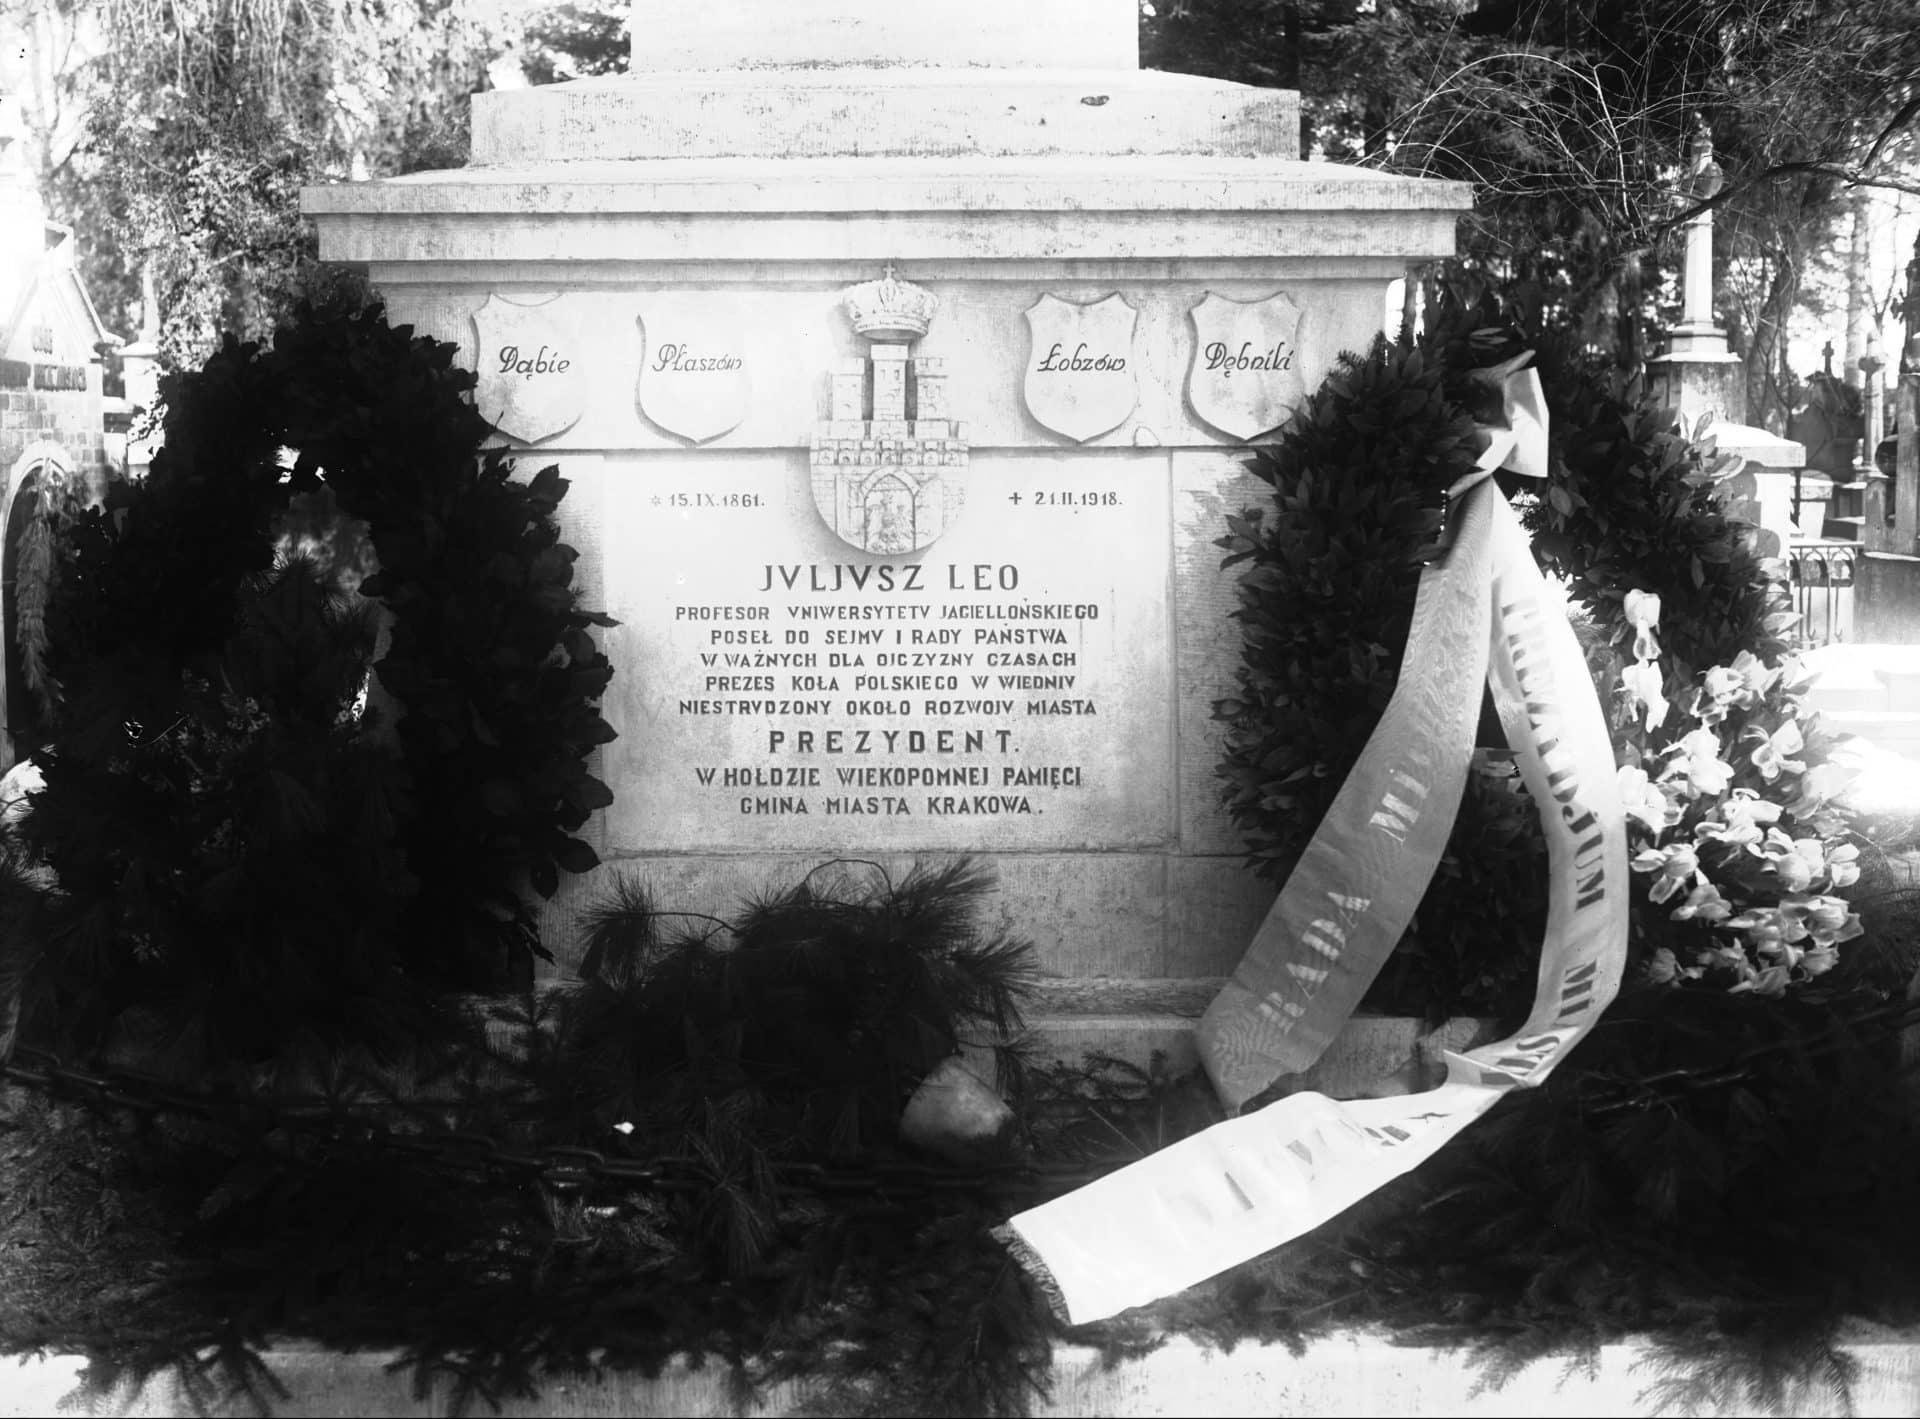 Grobowiec Juliusza Leo na cmentarzu Rakowickim. Źródło: NAC.